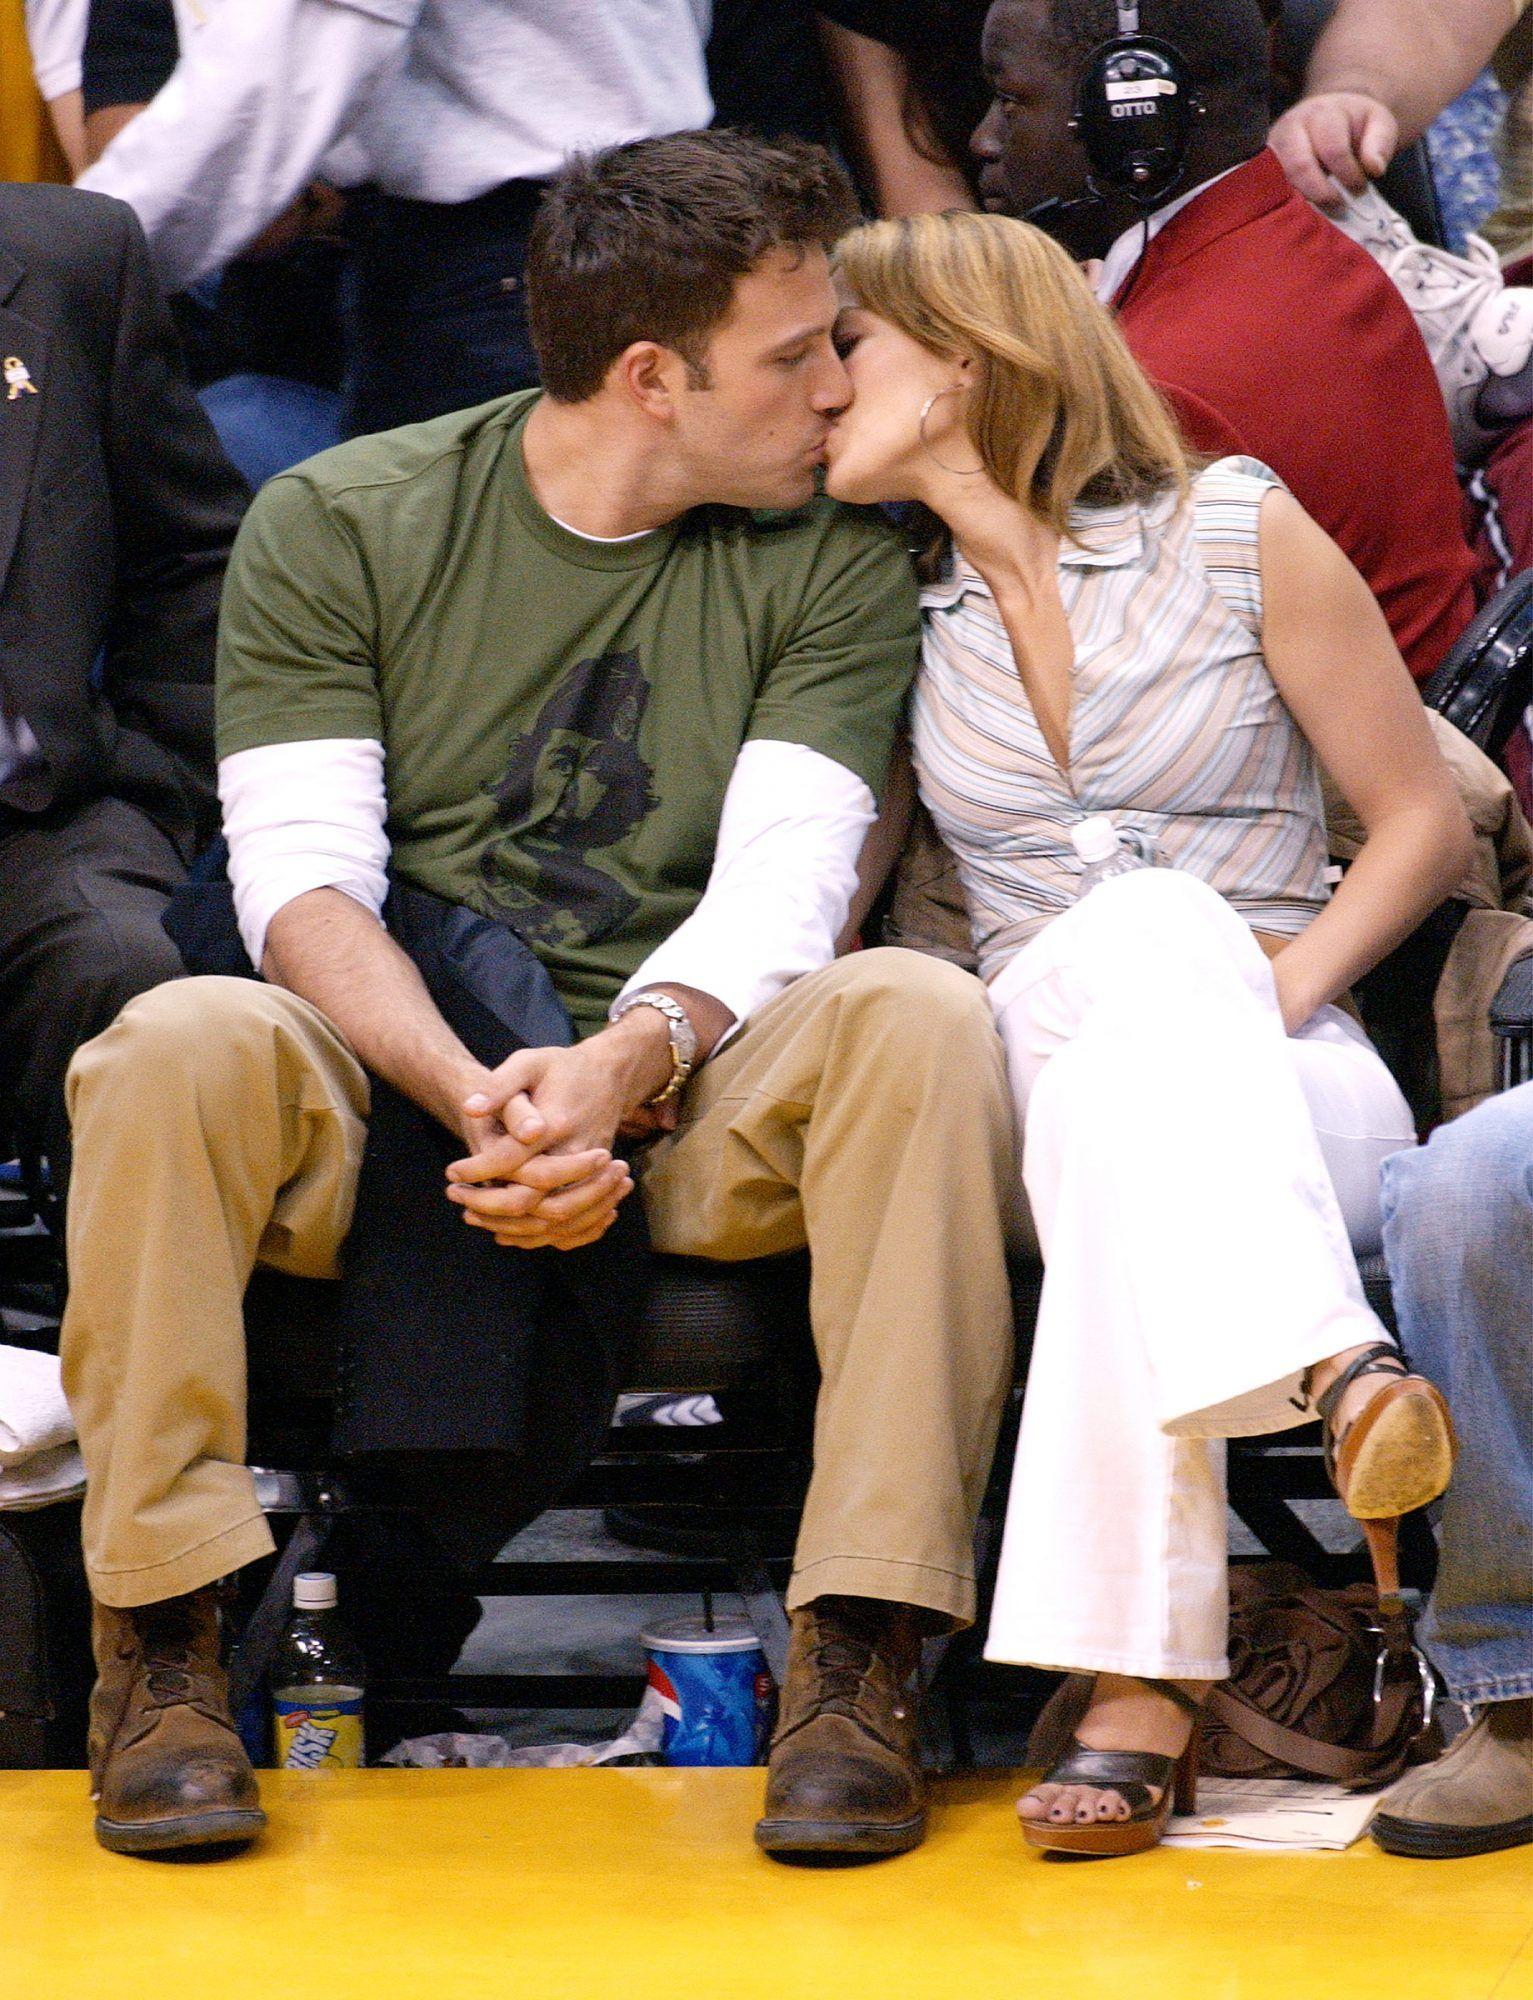 Gaya Mesra Jennifer Lopez & Ben Affleck di Masa Lalu, Ketahuan CLBK!